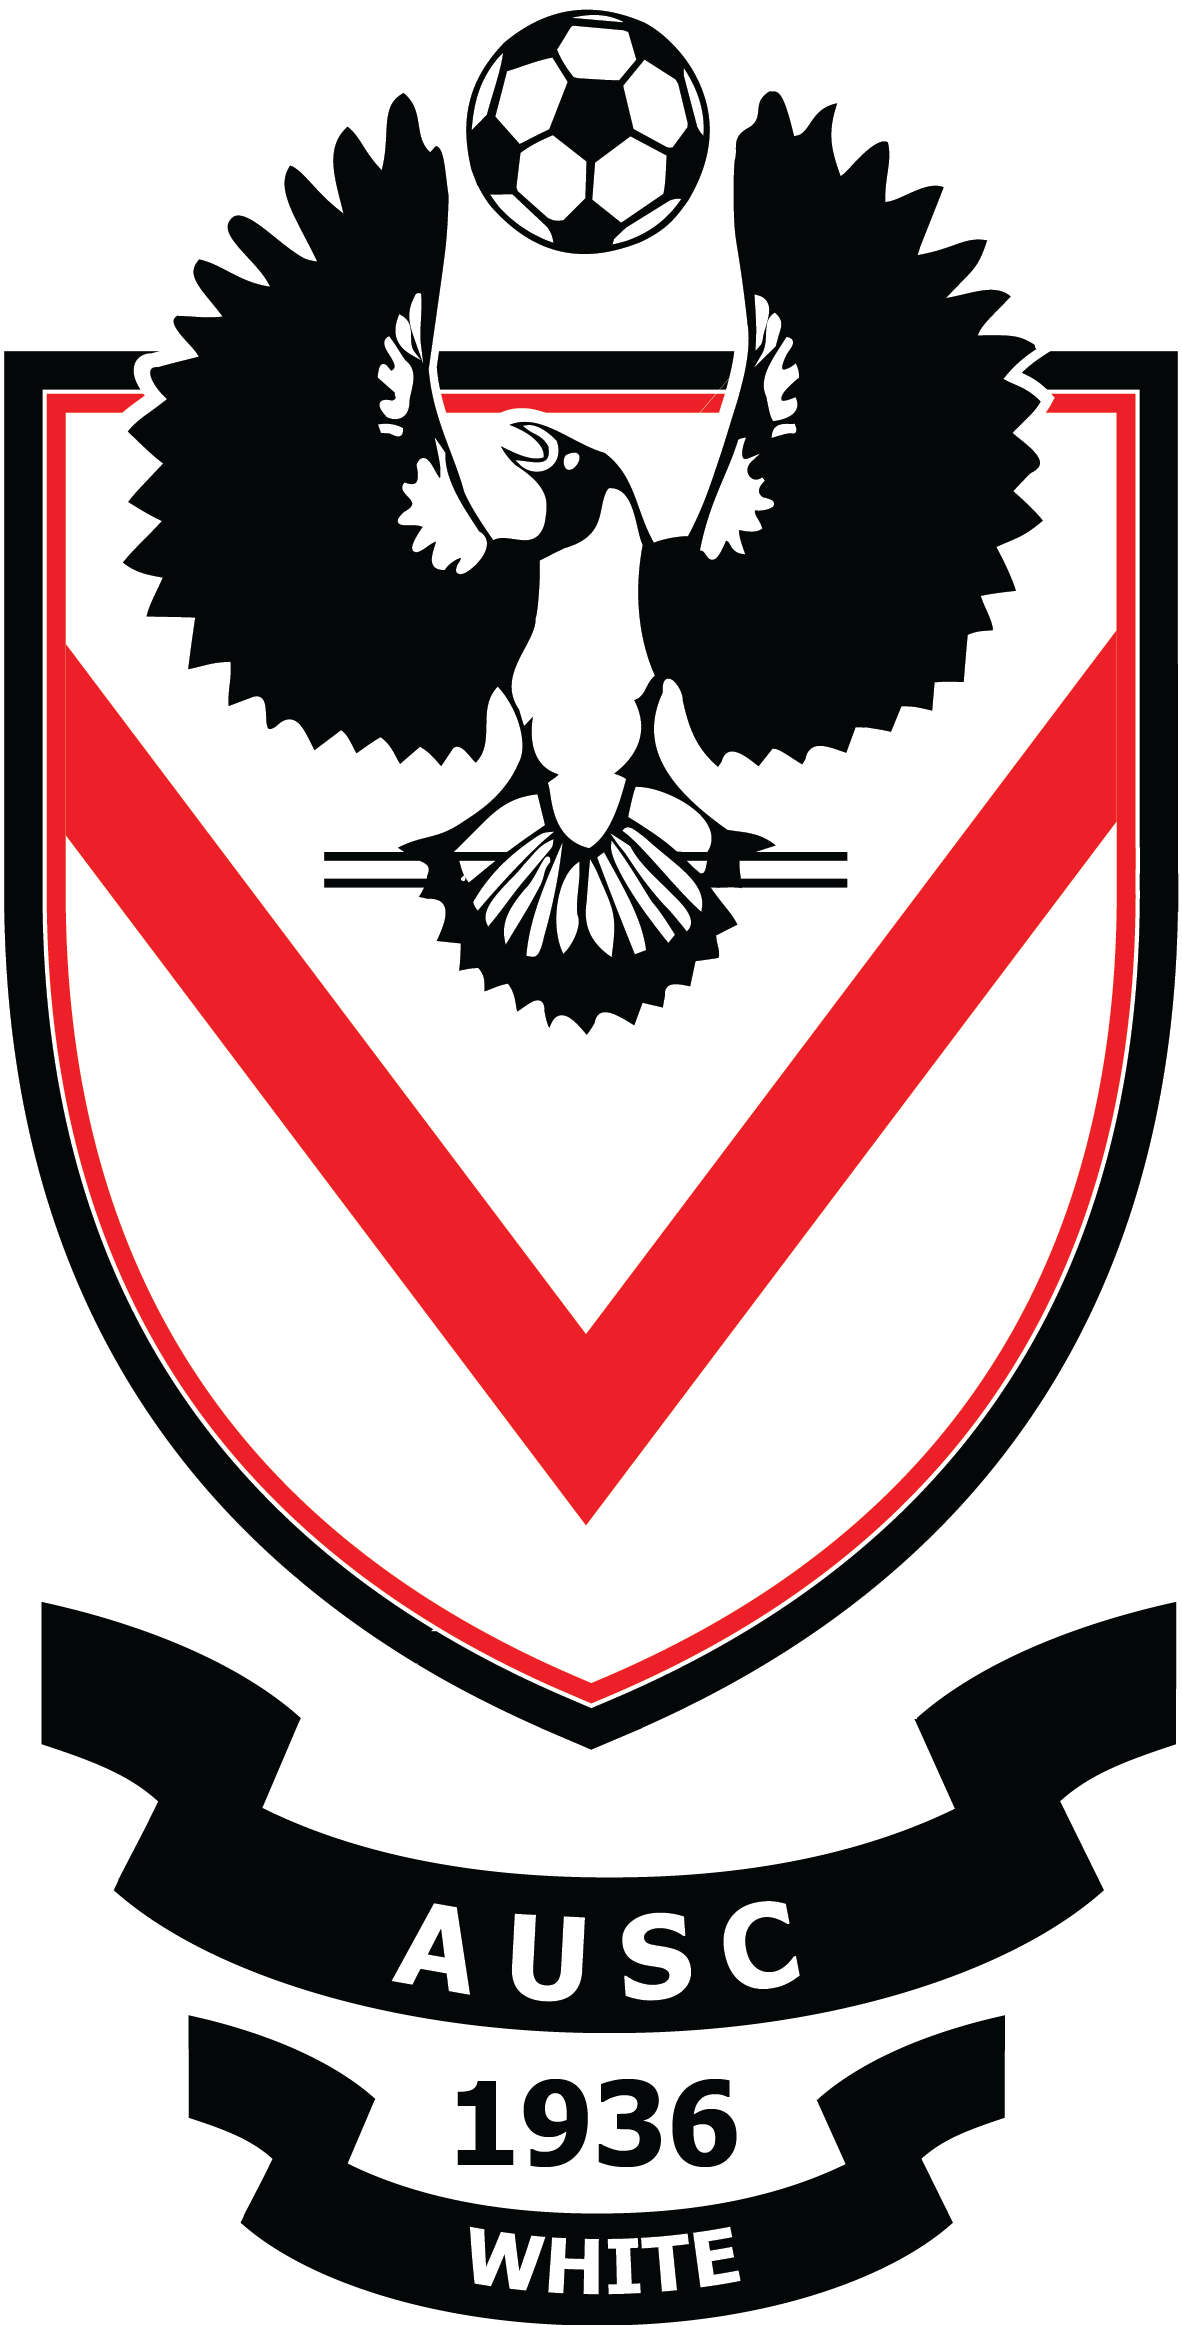 AUSC White logo